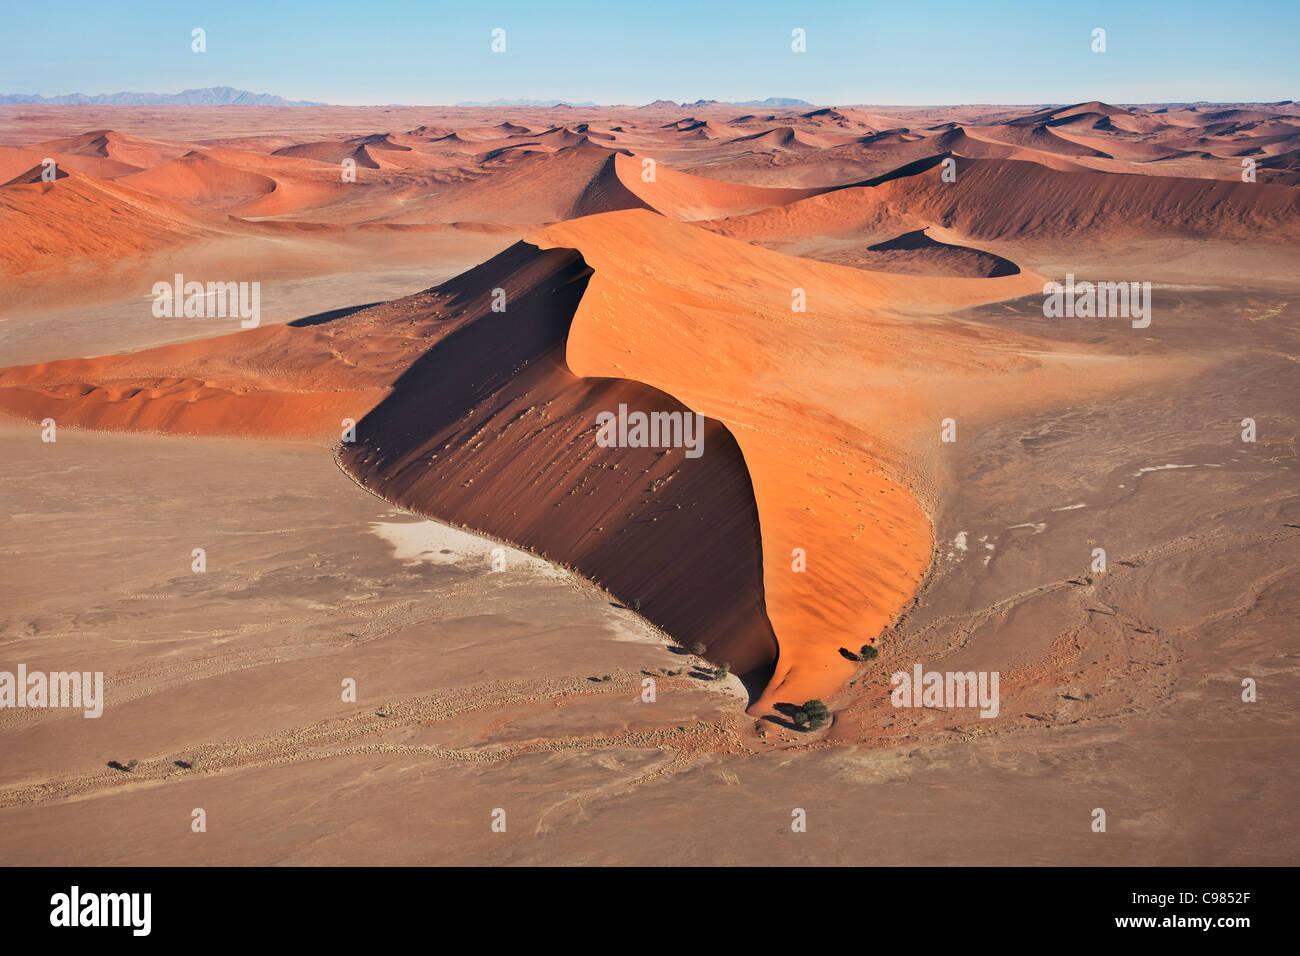 Vue aérienne de la dune de sable massive Photo Stock